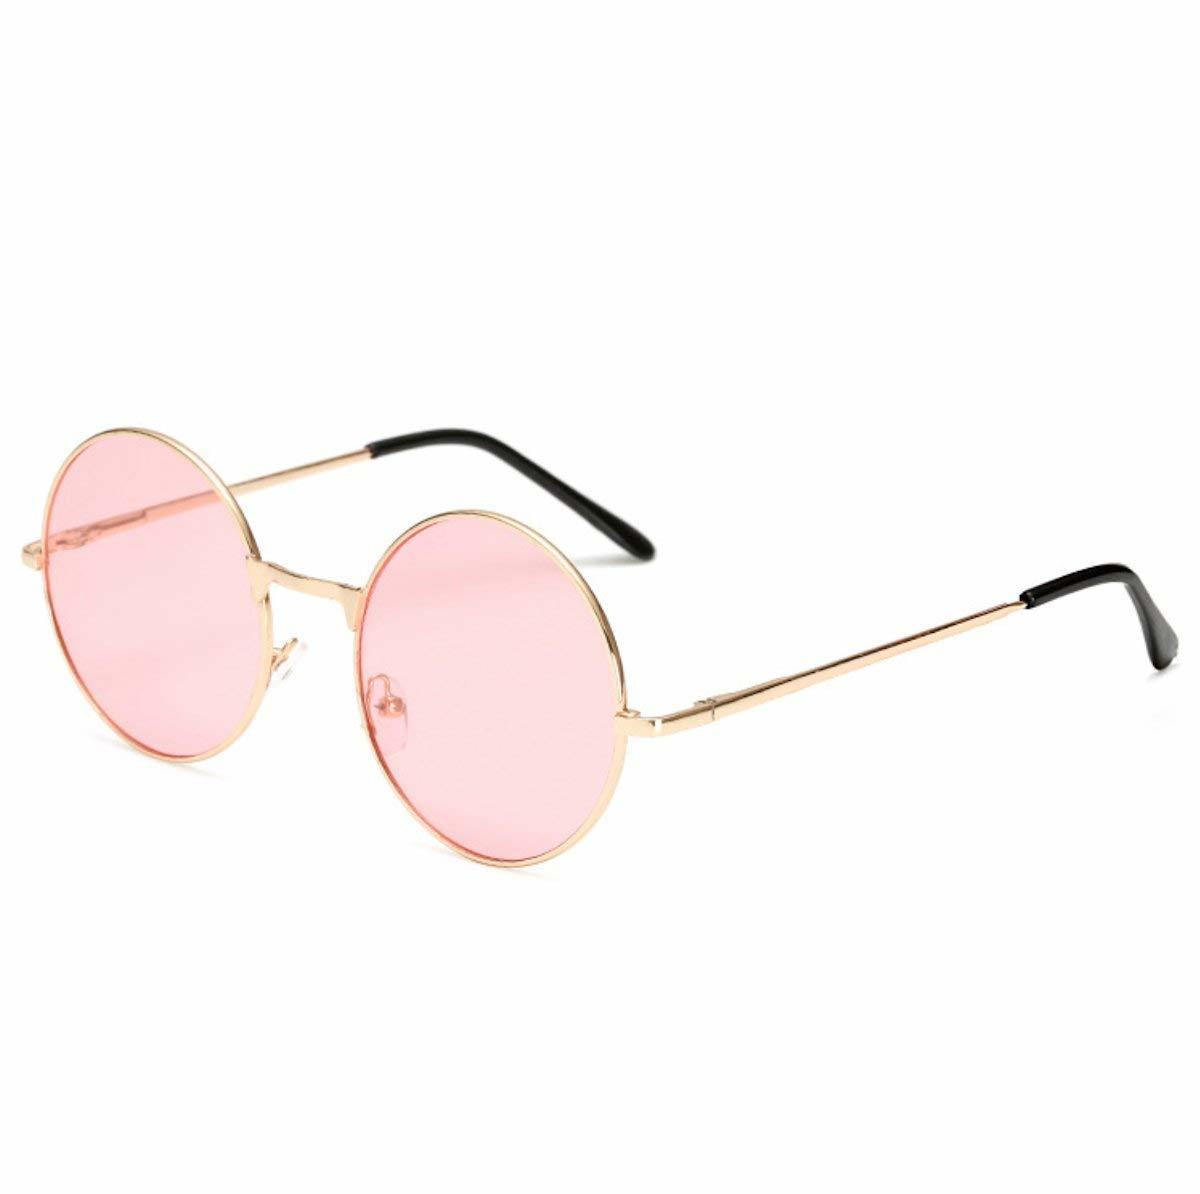 【メガネケース&クロス付】丸型 サングラス 丸サングラス ラウンド型 ファッション丸メガネ 軽量 UVカット クリアピンク 送料無料_画像1